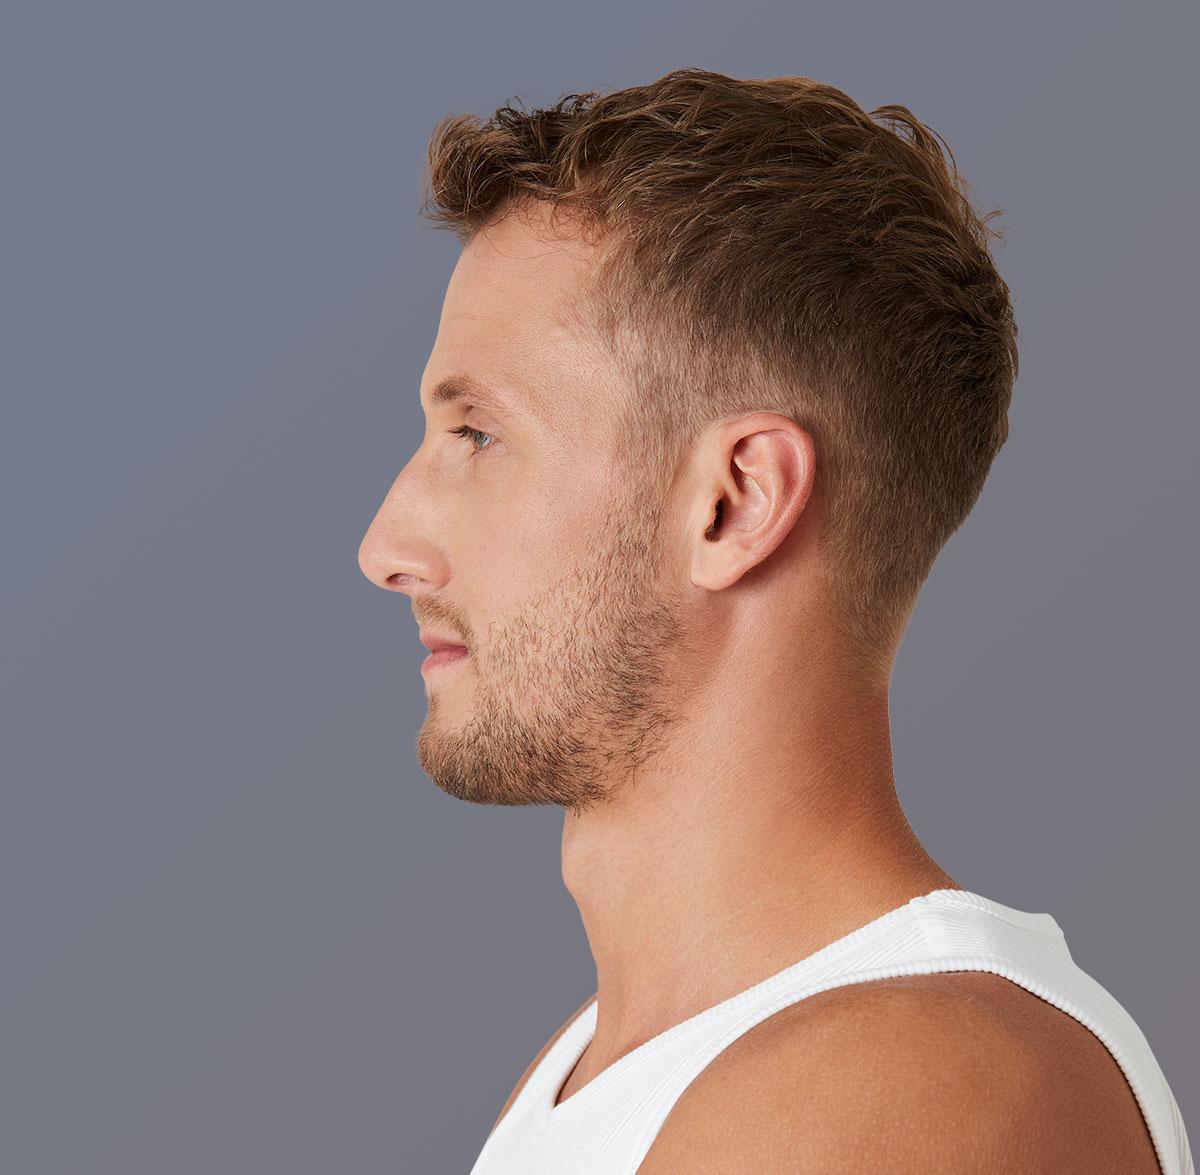 Profil eines Männergesichts